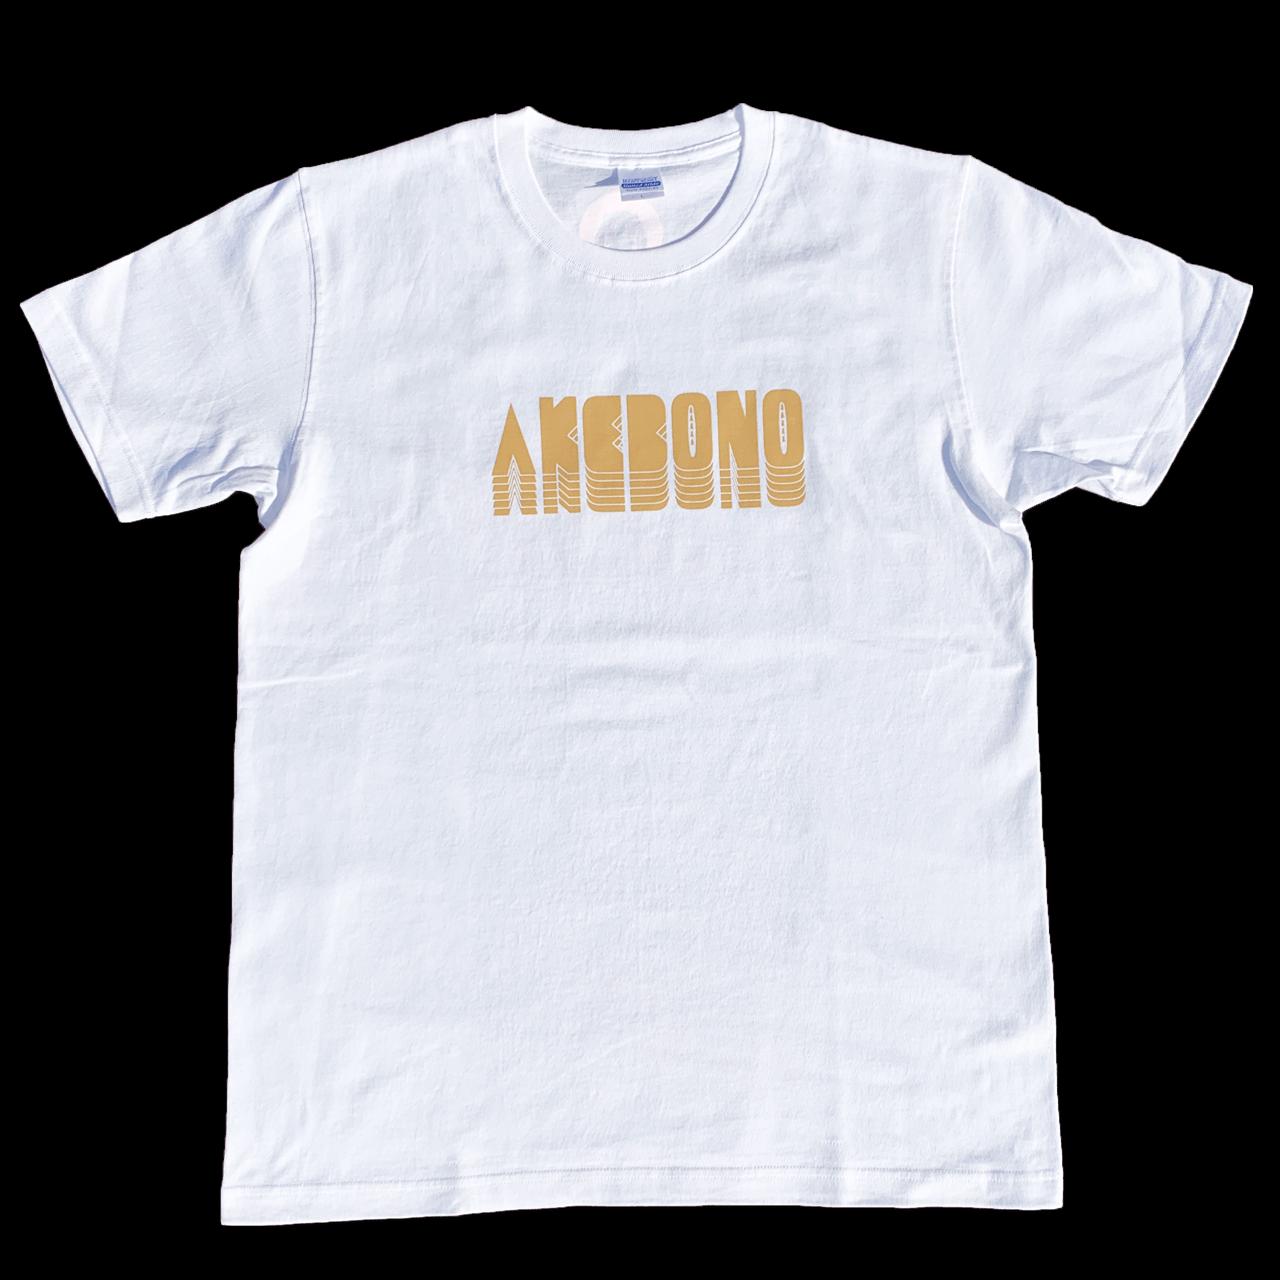 ピノキオピー - AKEBONO Tシャツ(白) - 画像1